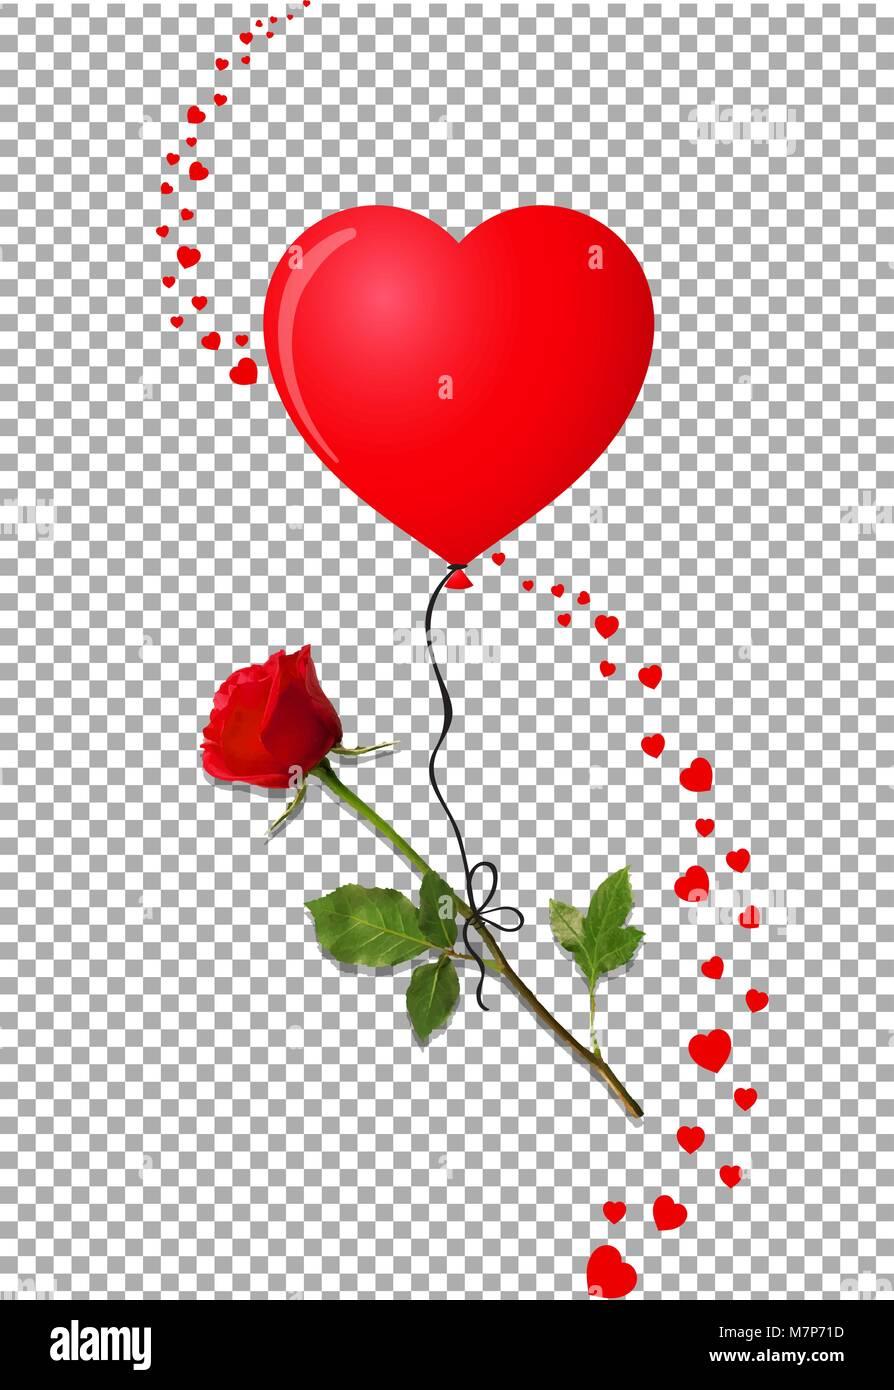 Flor De Rosa Roja Volando En Globo De Helio En Forma De Corazón Rojo